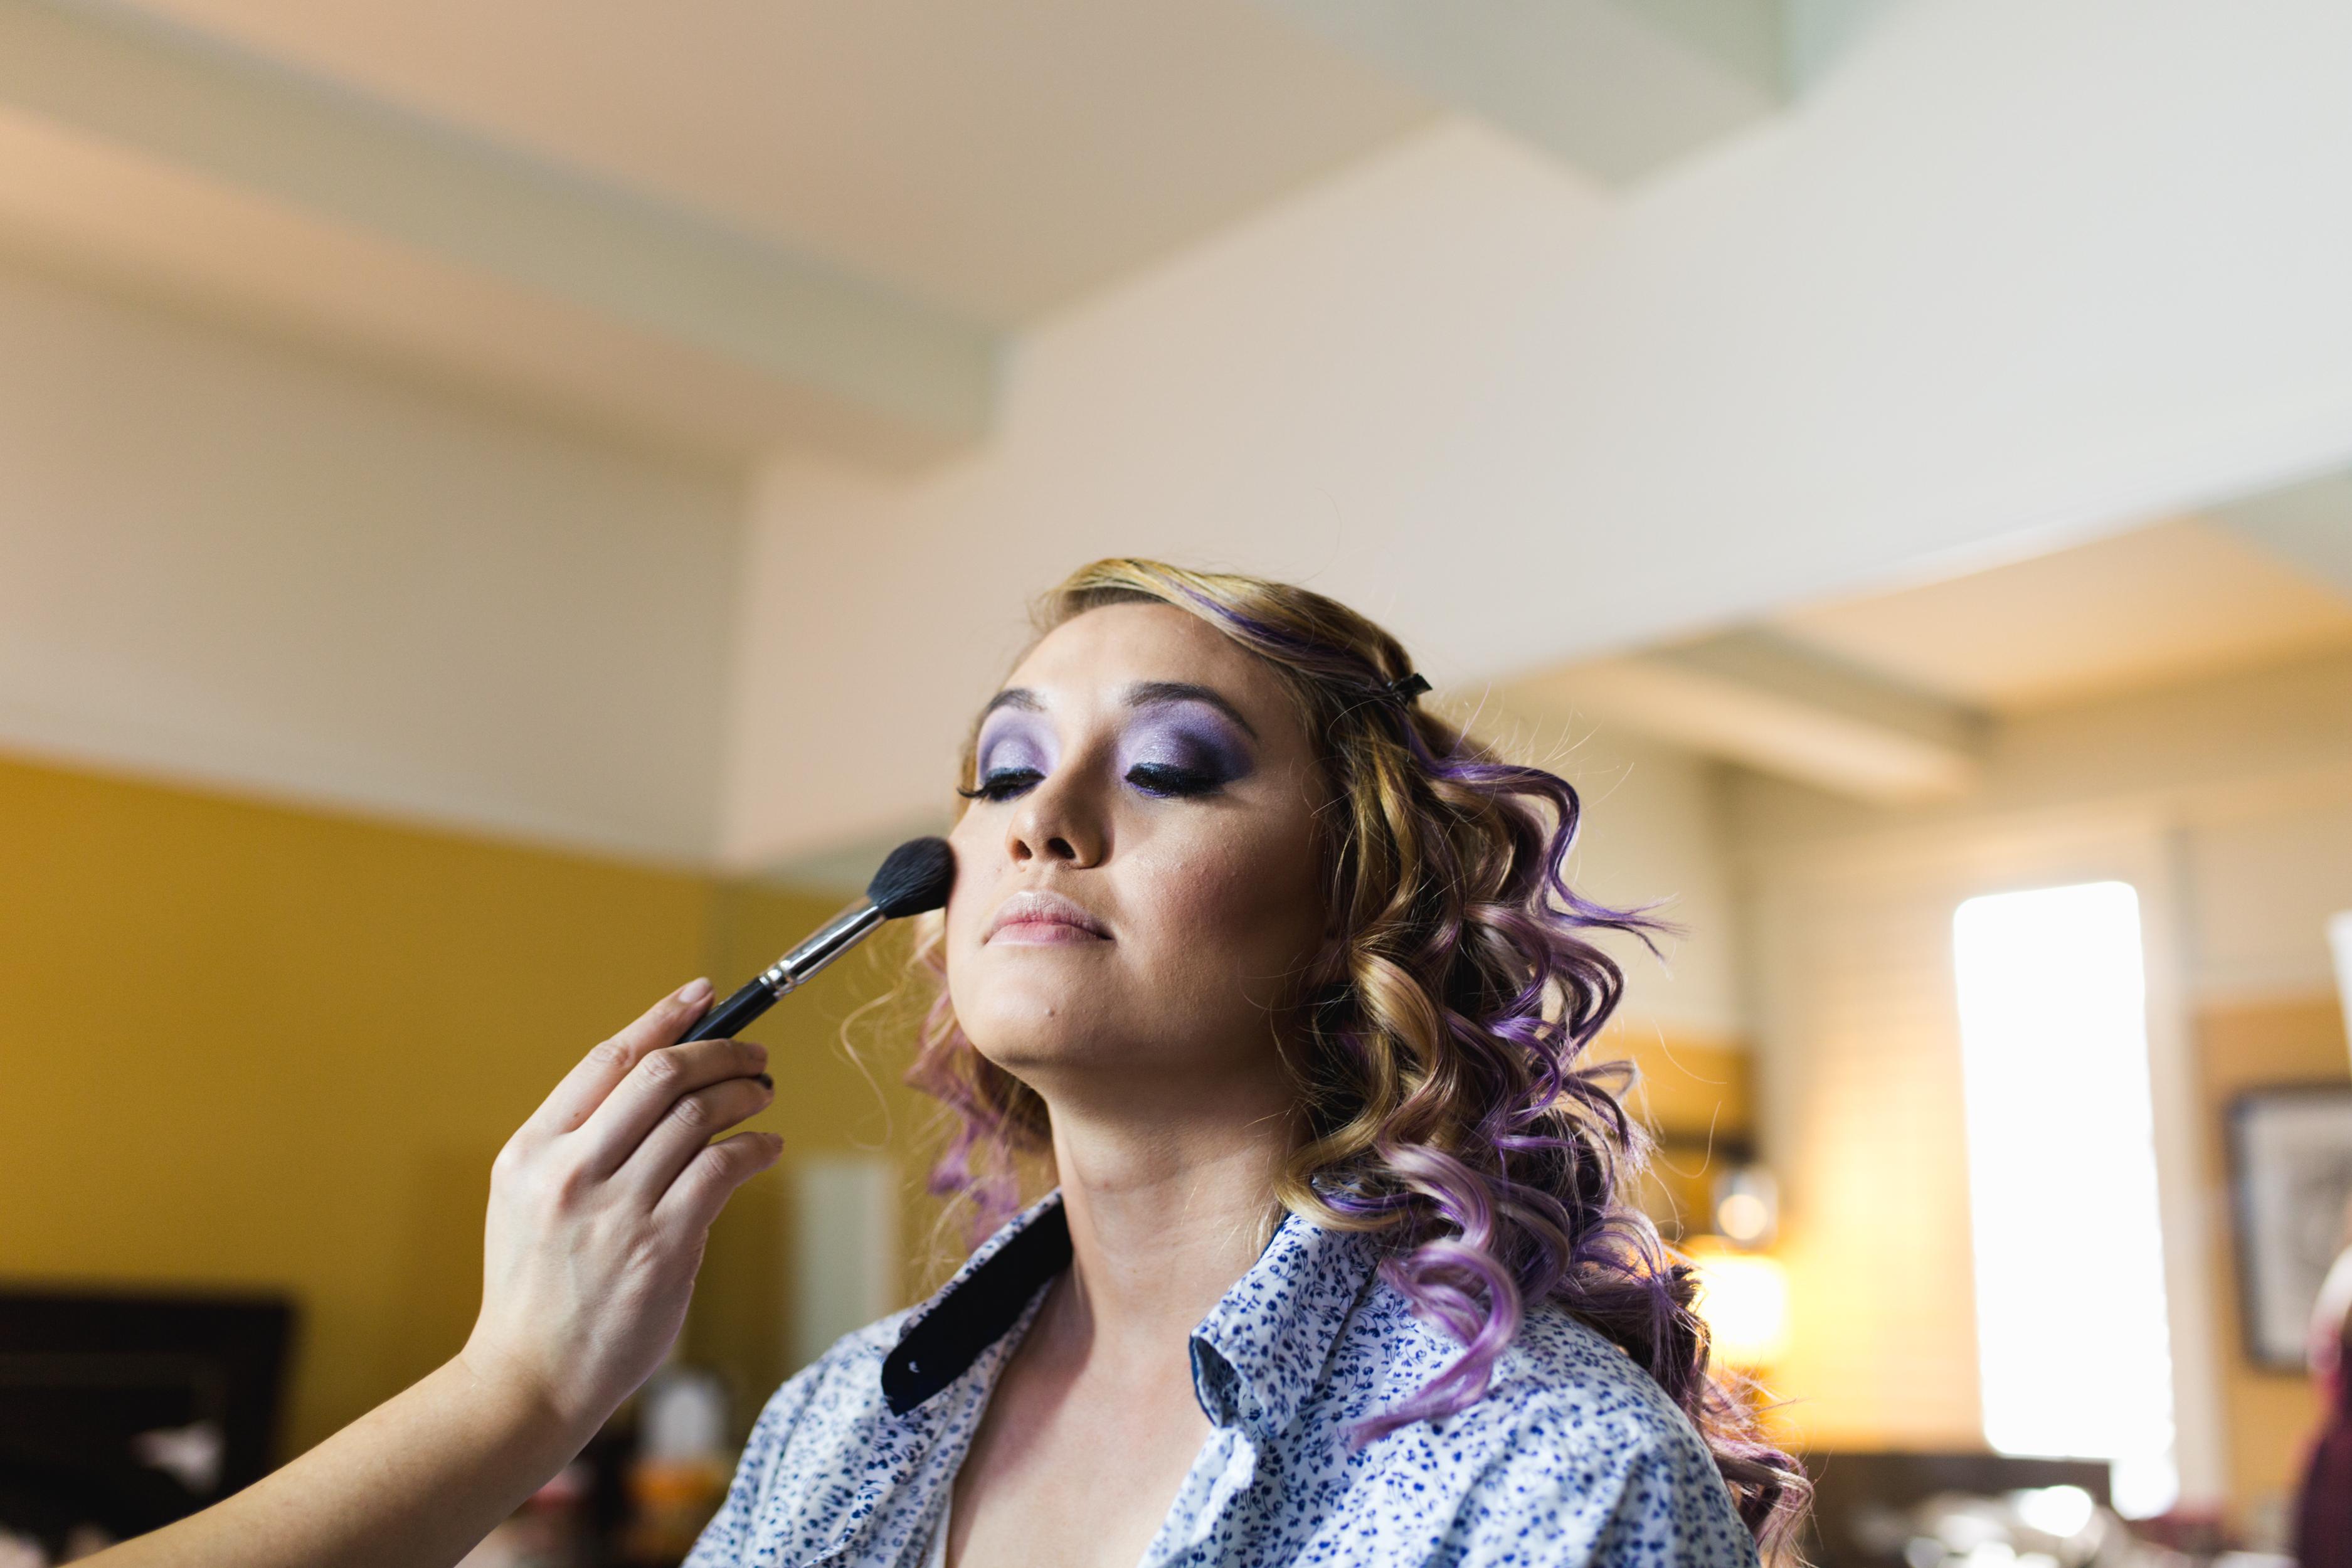 san-francisco-wedding-hair-makeup-pearl-cabalan